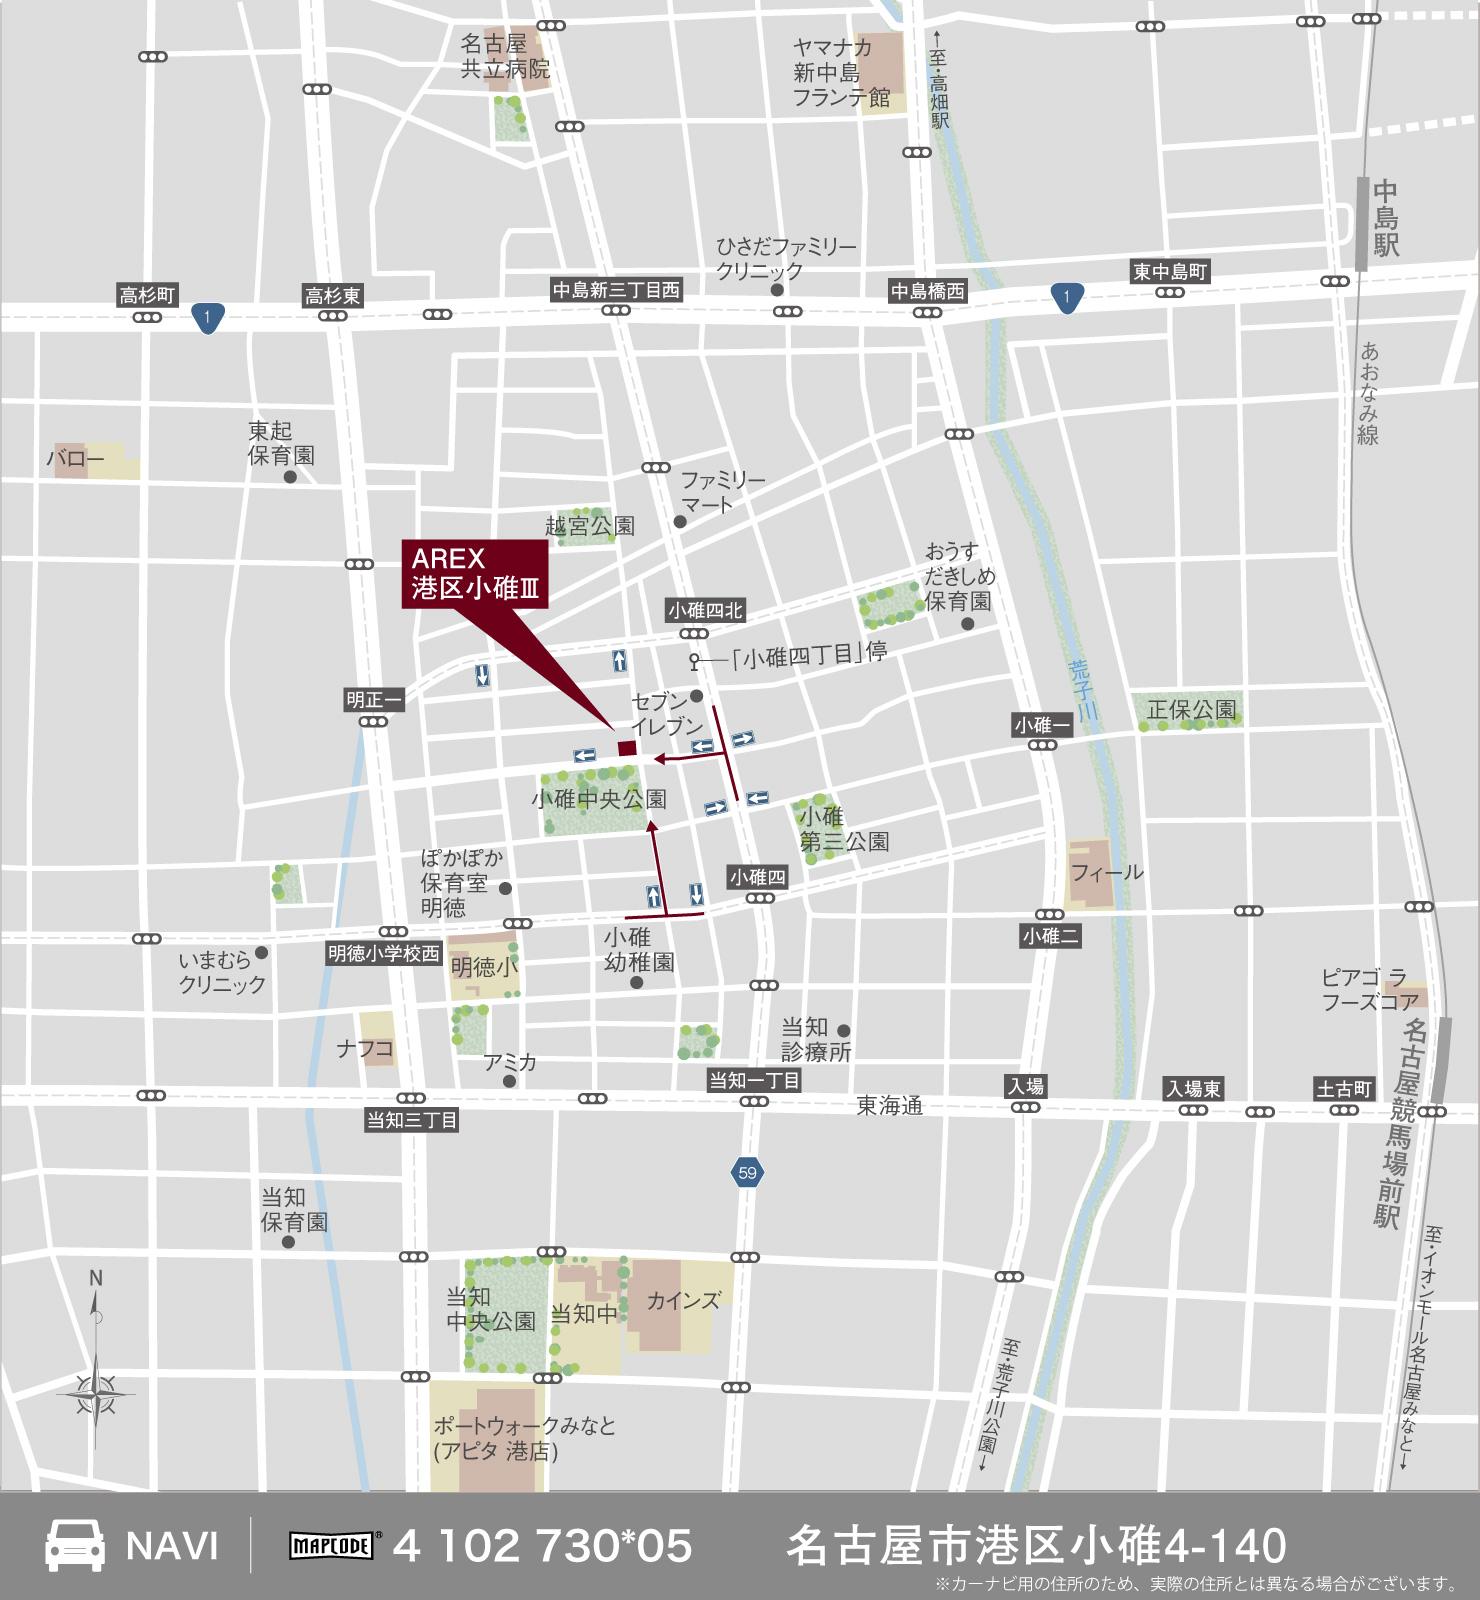 3_地図_港区小碓3